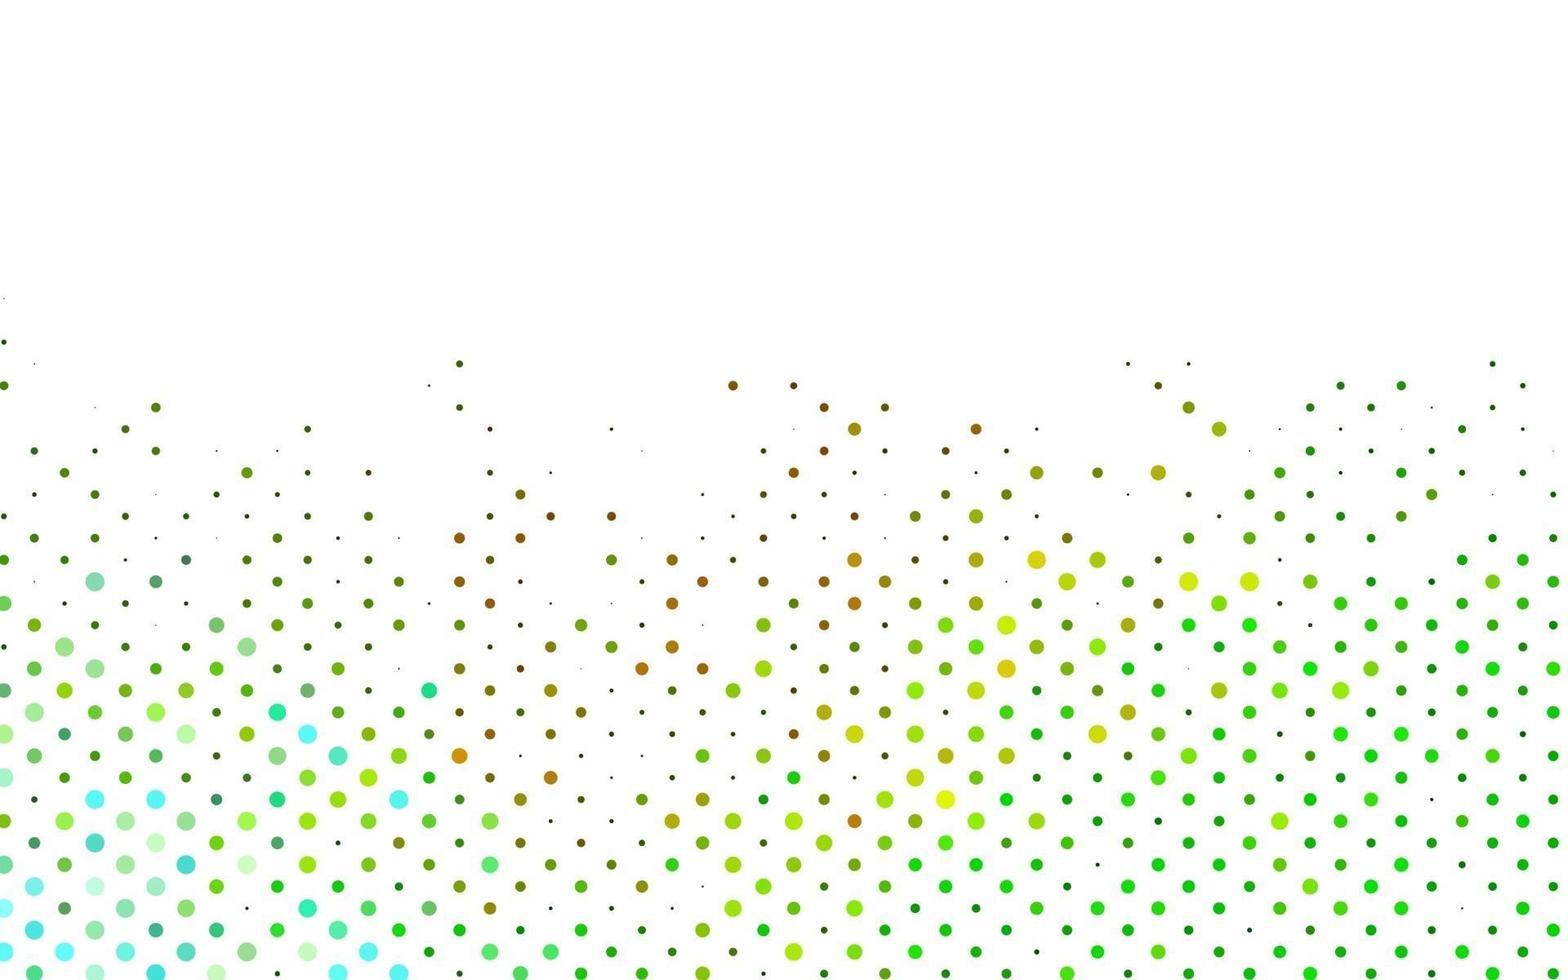 modelo de vetor verde e amarelo claro com círculos.